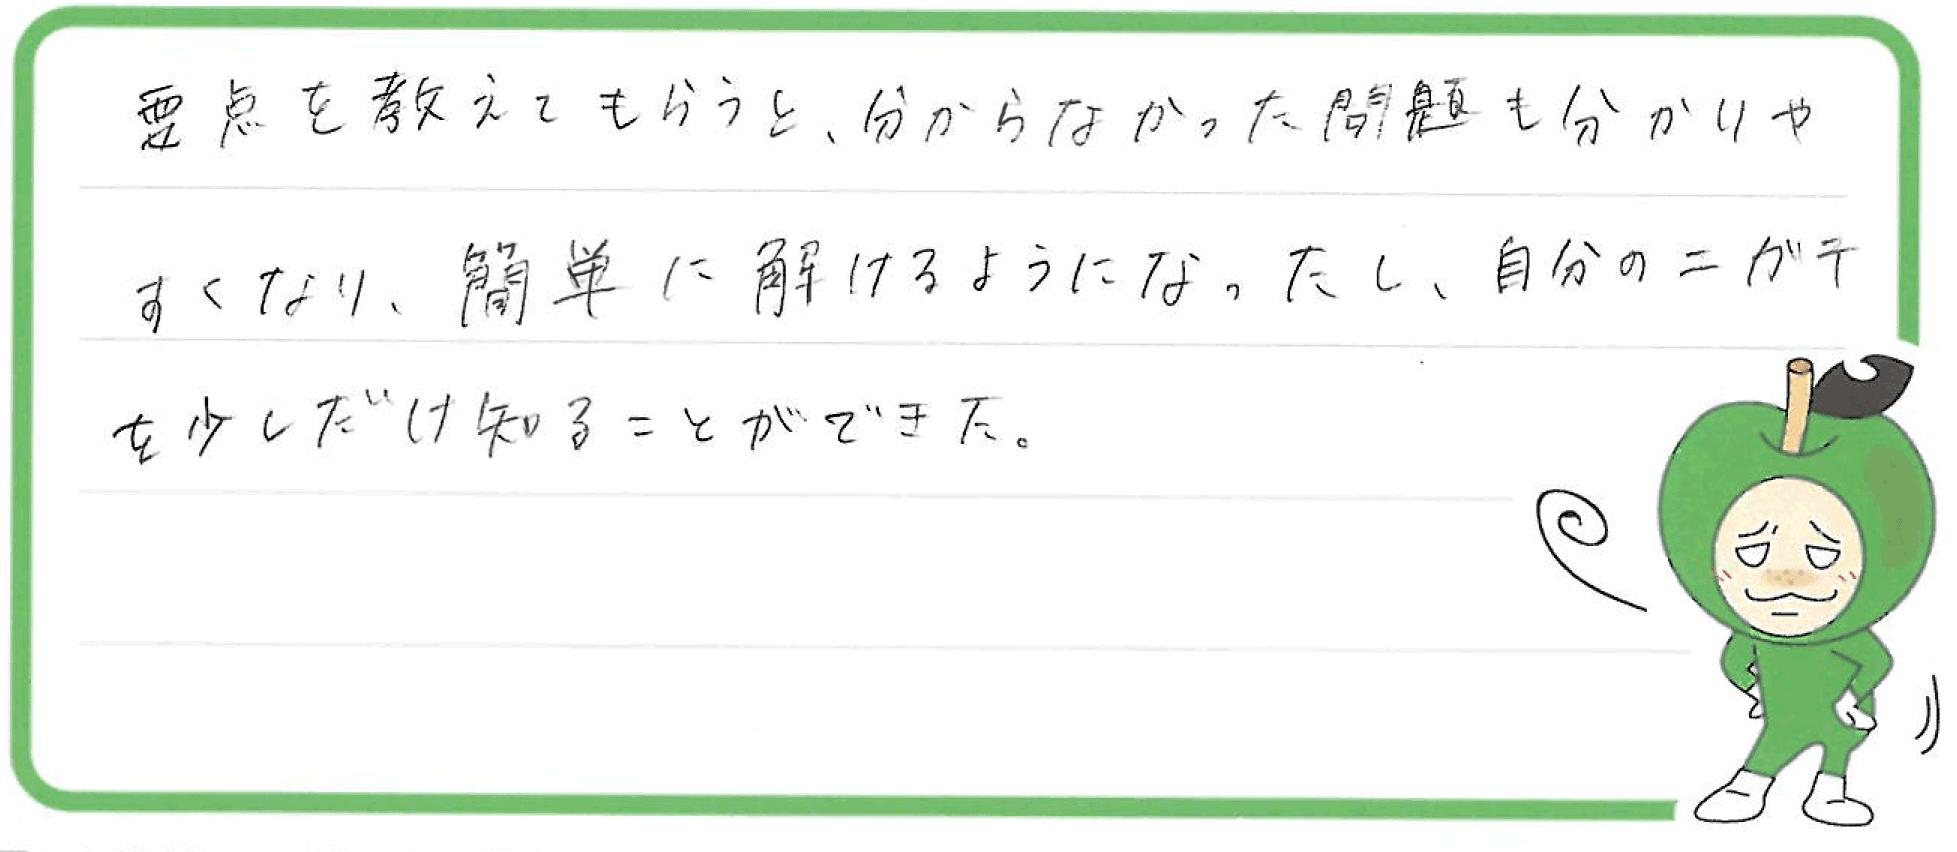 かれんちゃん(滑川市)からの口コミ